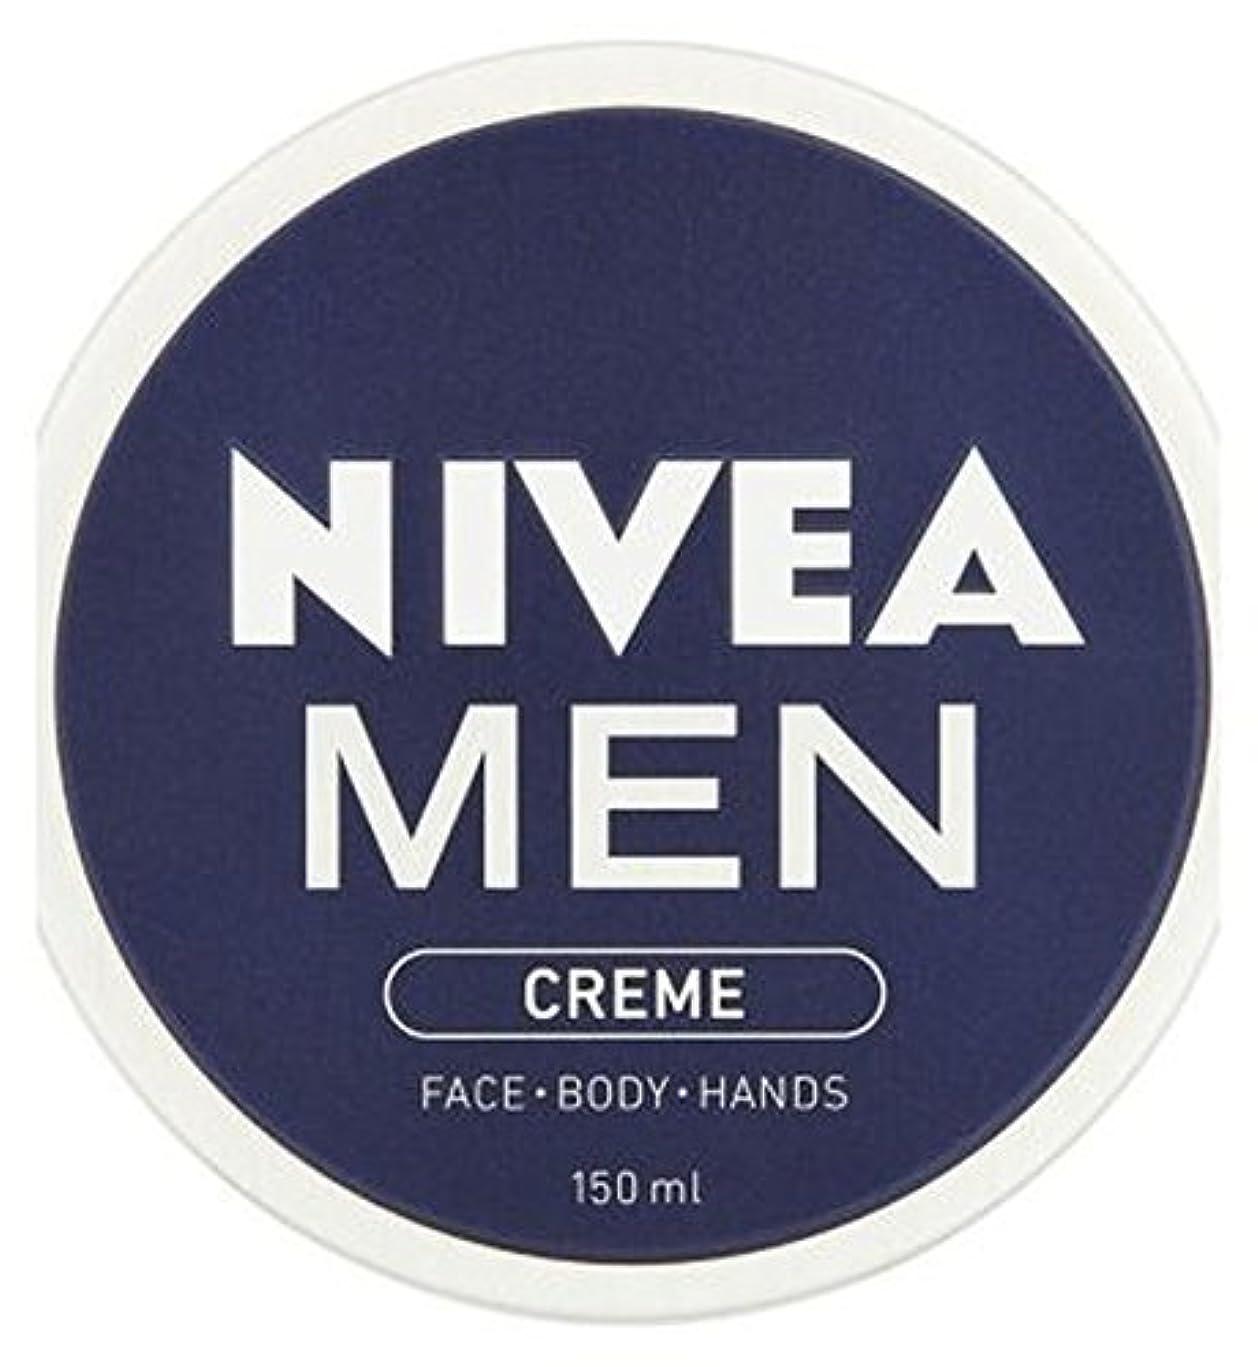 頑張るマート輝度NIVEA MEN Creme 150ml - ニベアの男性が150ミリリットルクリーム (Nivea) [並行輸入品]